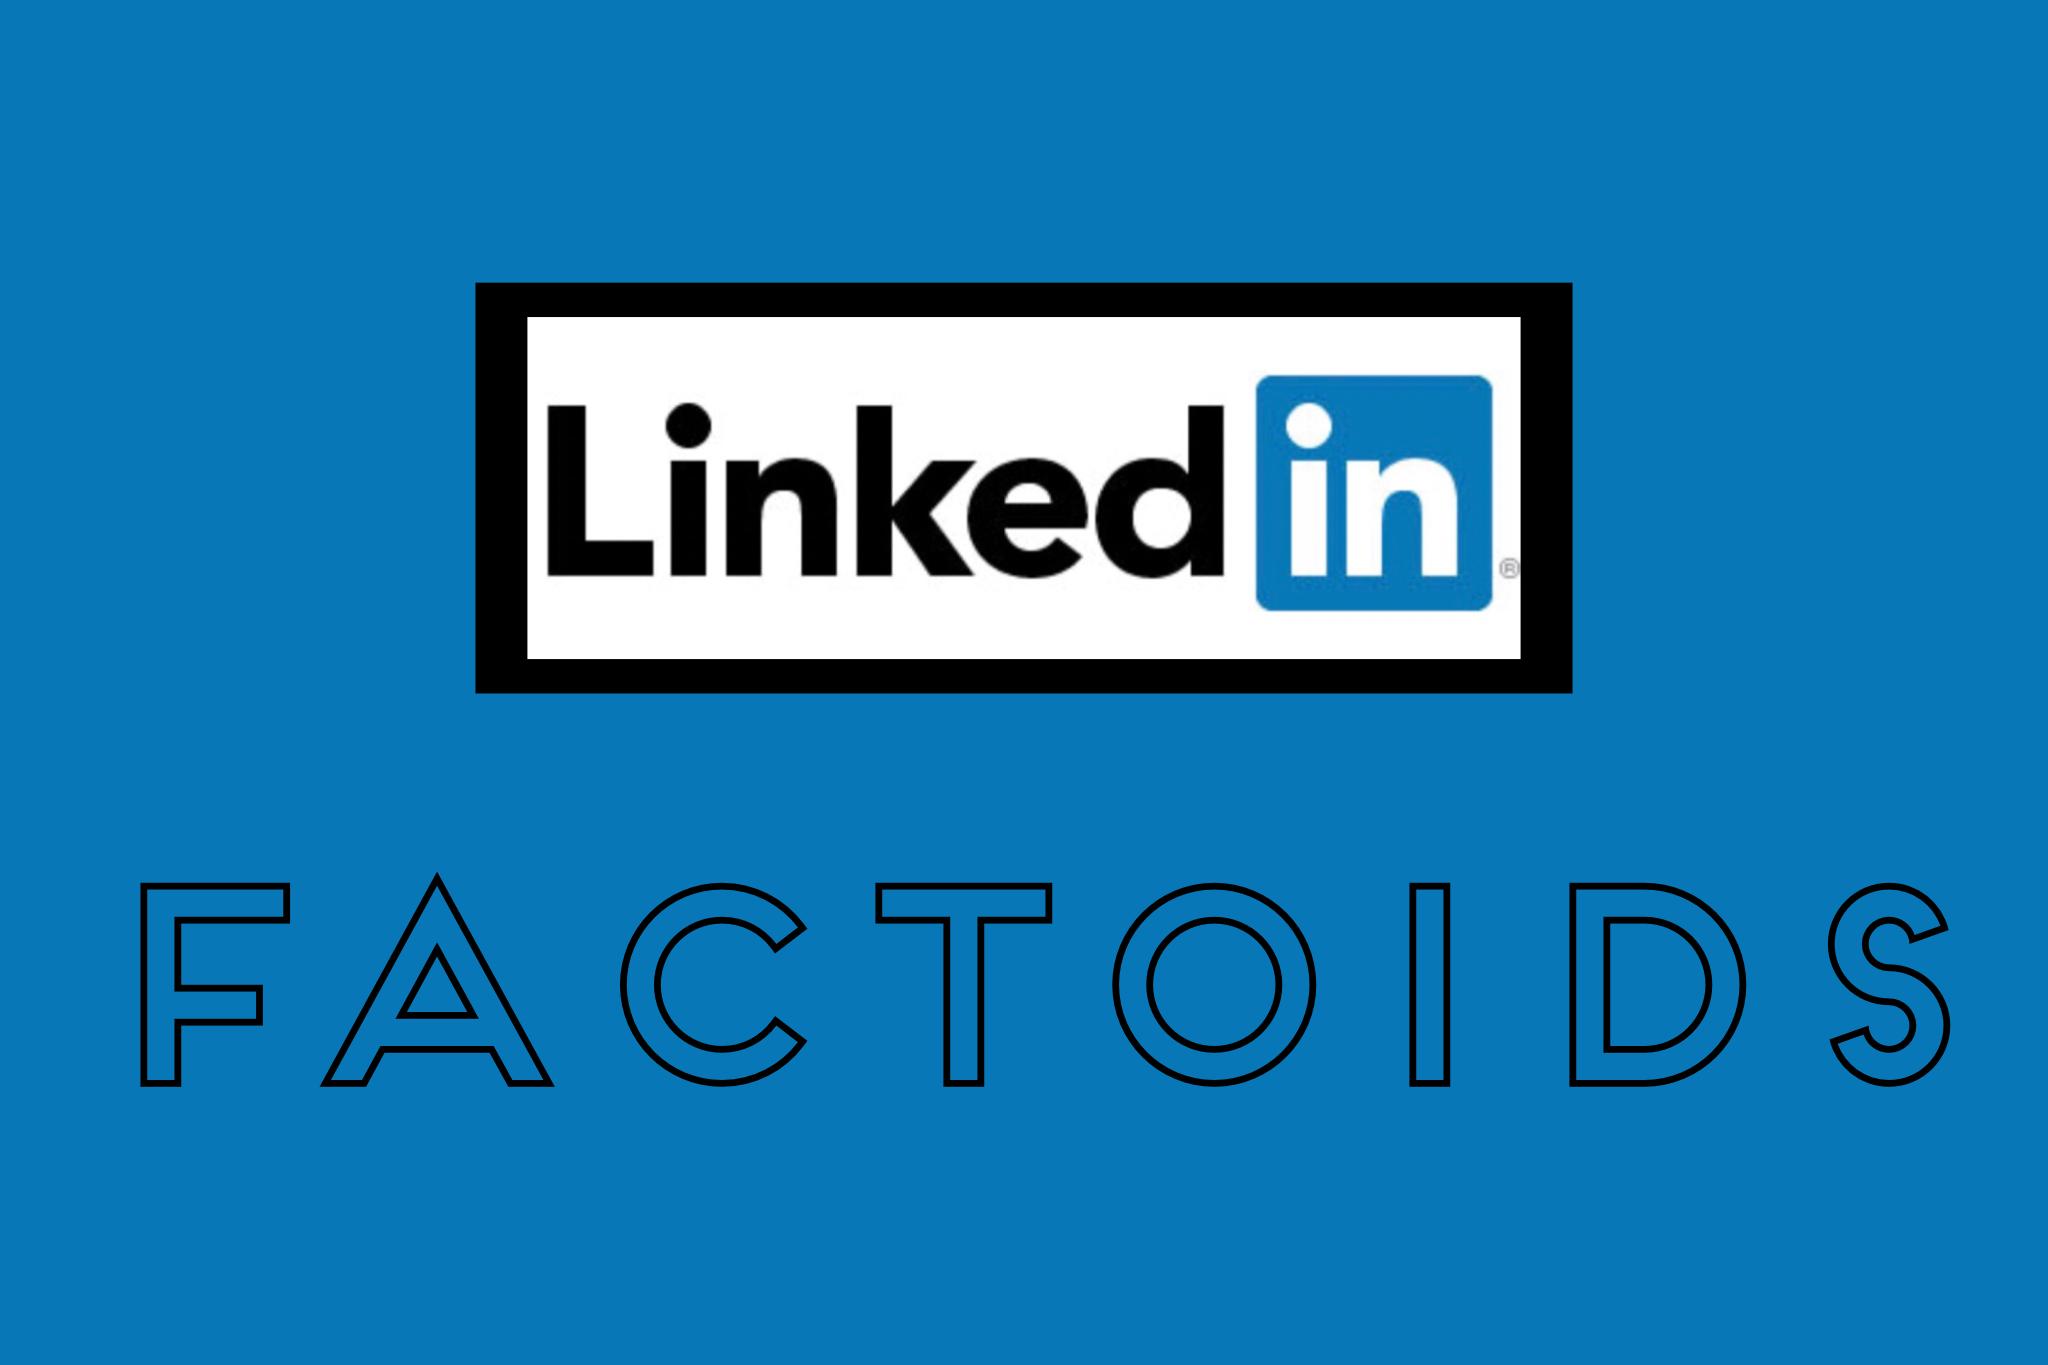 LinkedIn Factoids